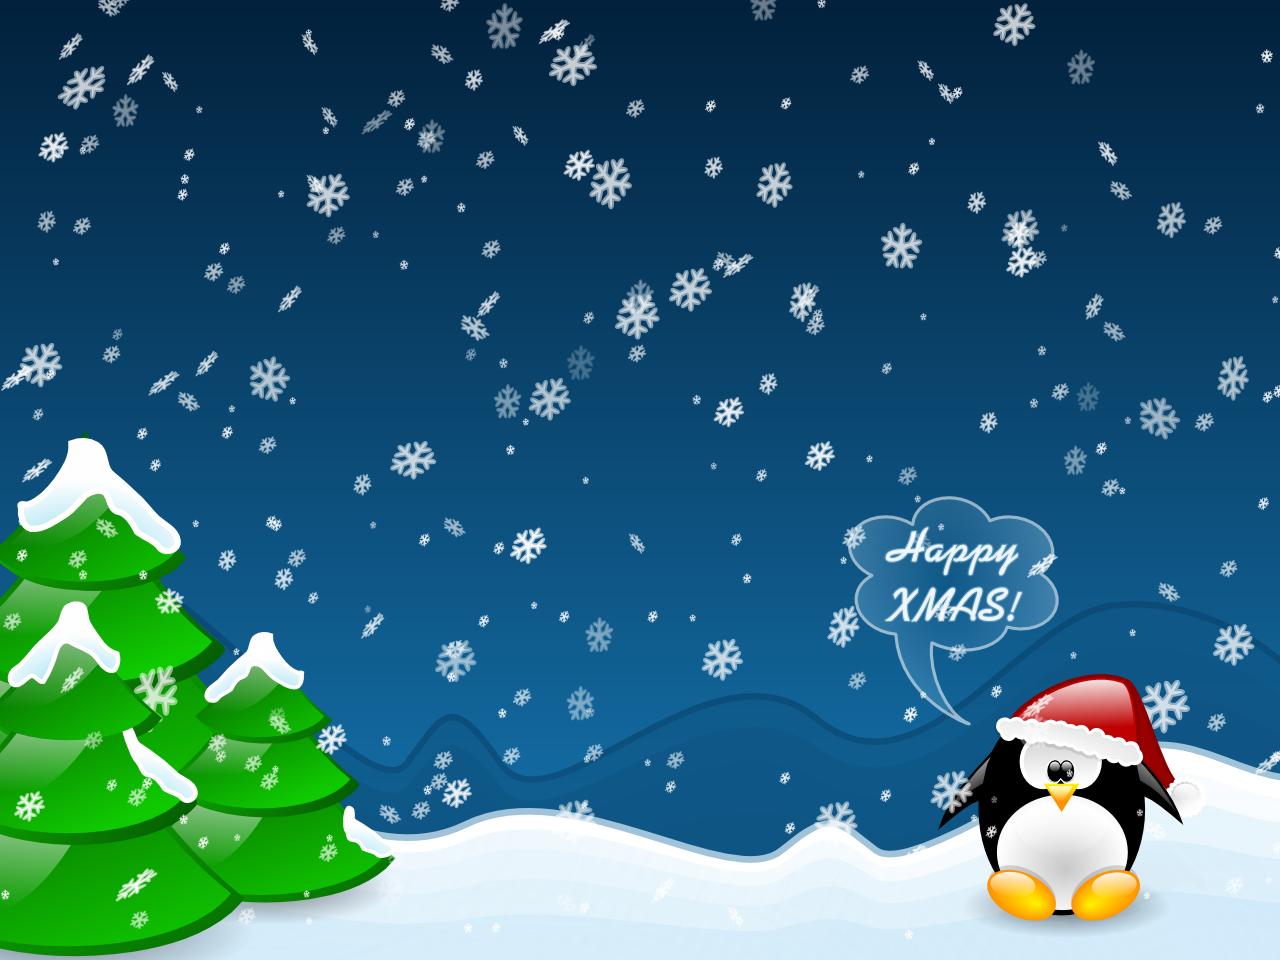 Fondo De Navidad Para Fotos: Fondos Navideños Gratis Para Protector De Pantalla 8 HD